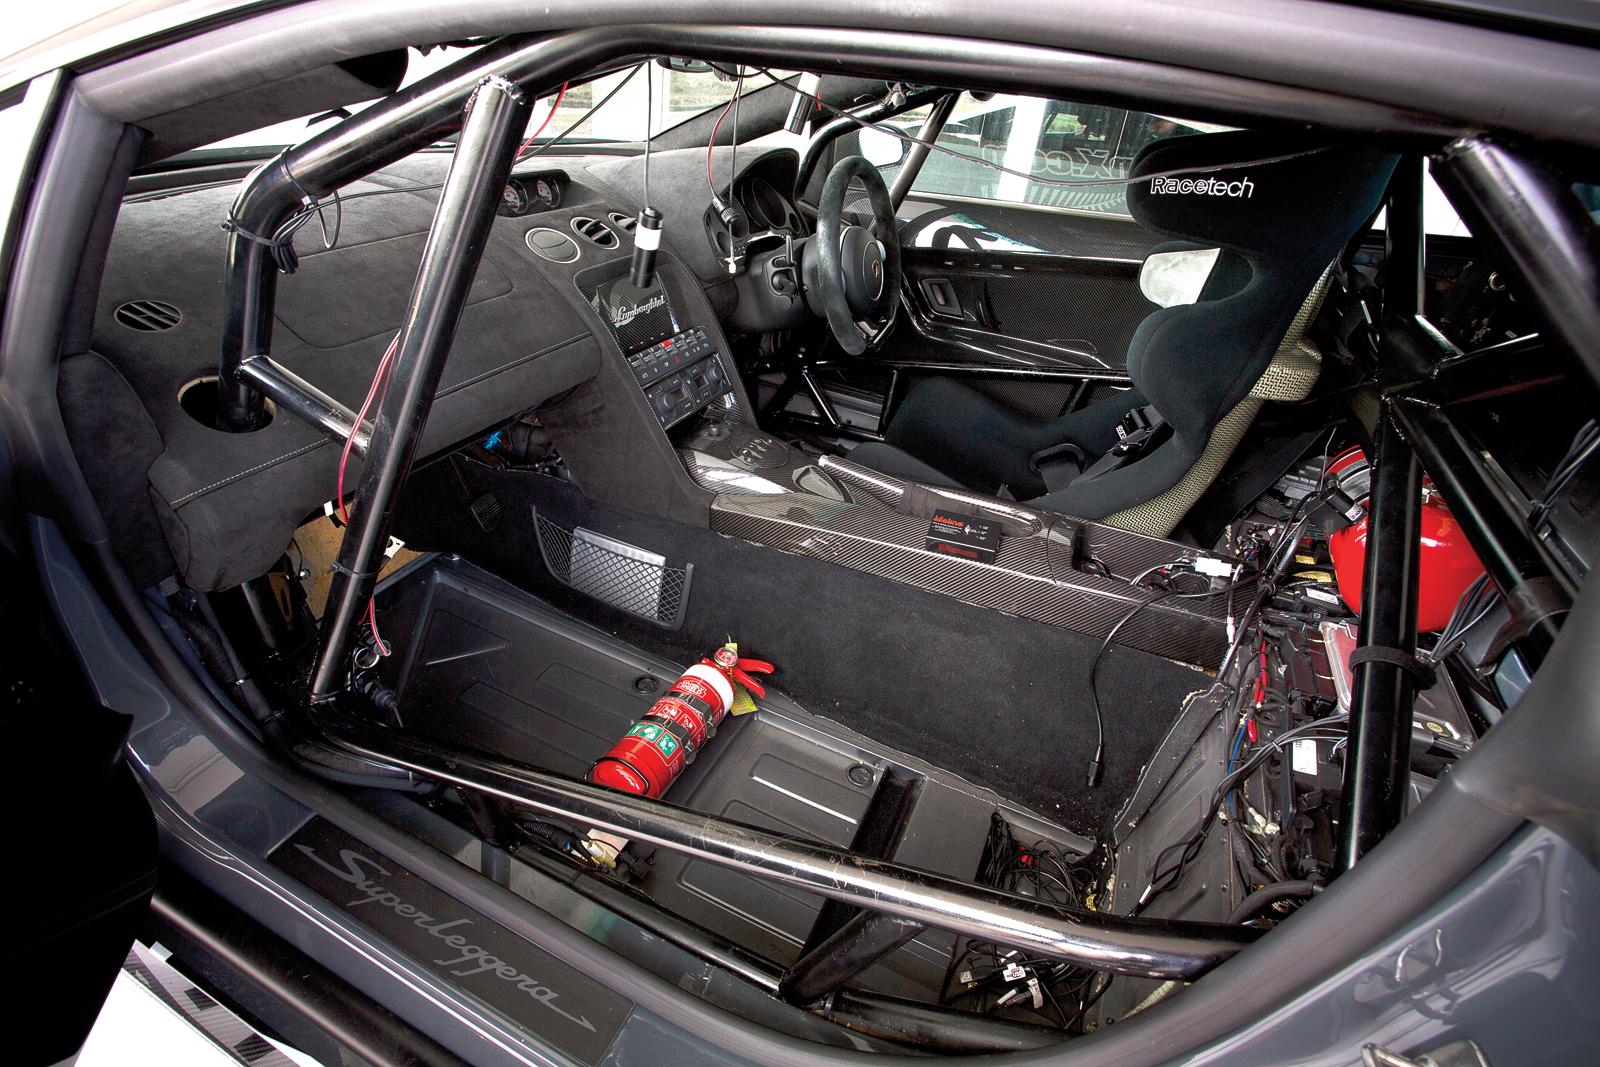 2008 Lamborghini Gallardo Superleggera E Gear U2013 Lambo, Bro U2013 194